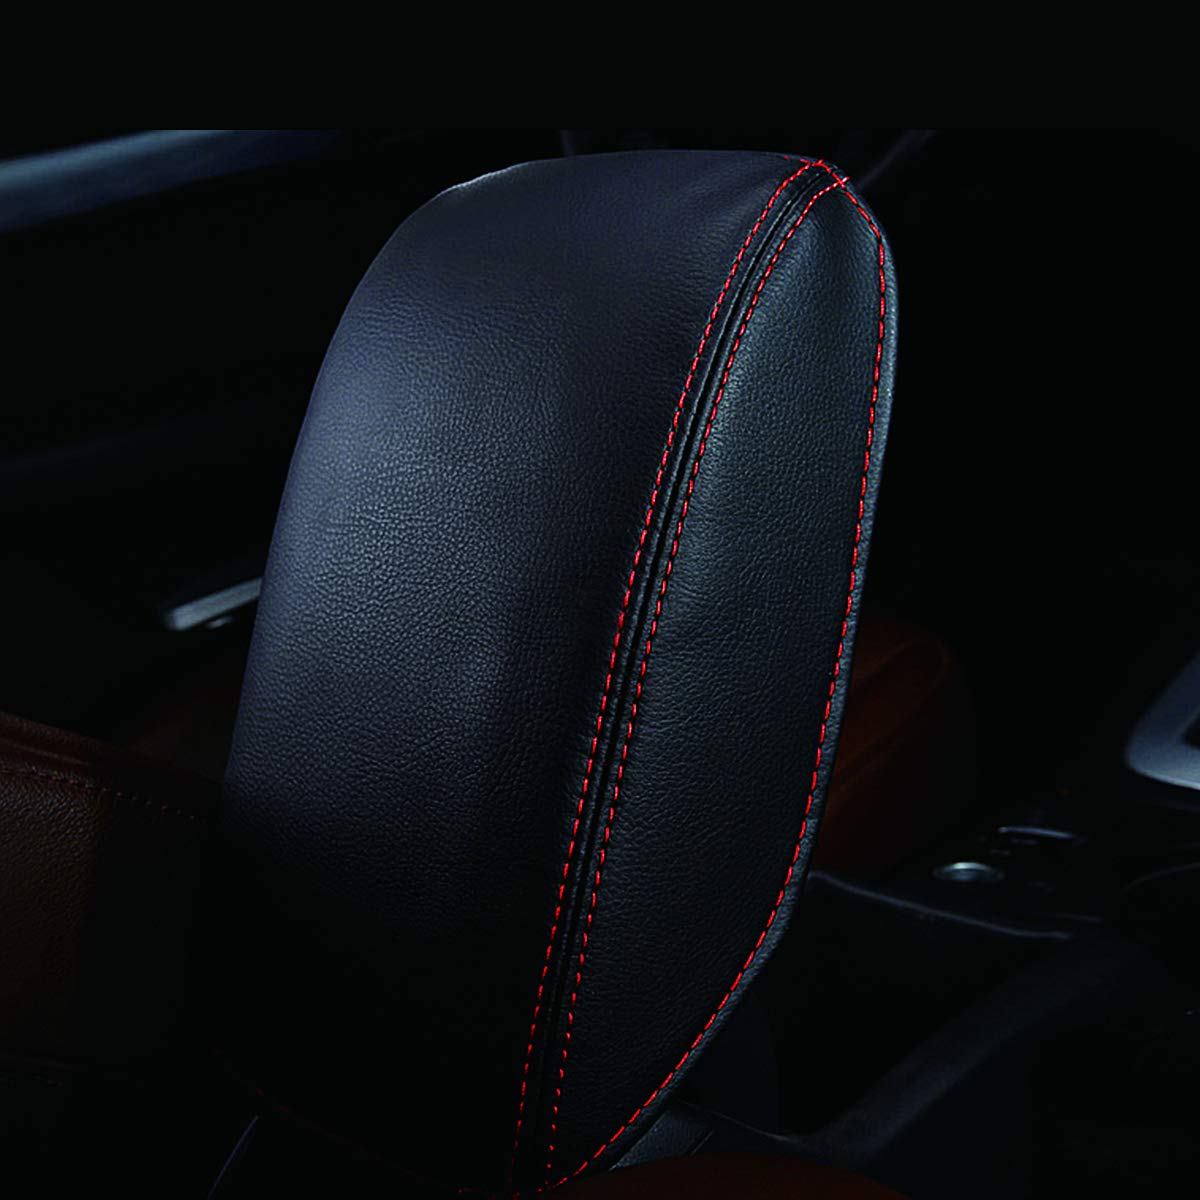 Auto scatola bracciolo della console centrale copertina accessori auto per A3 2013-2018 Rosso